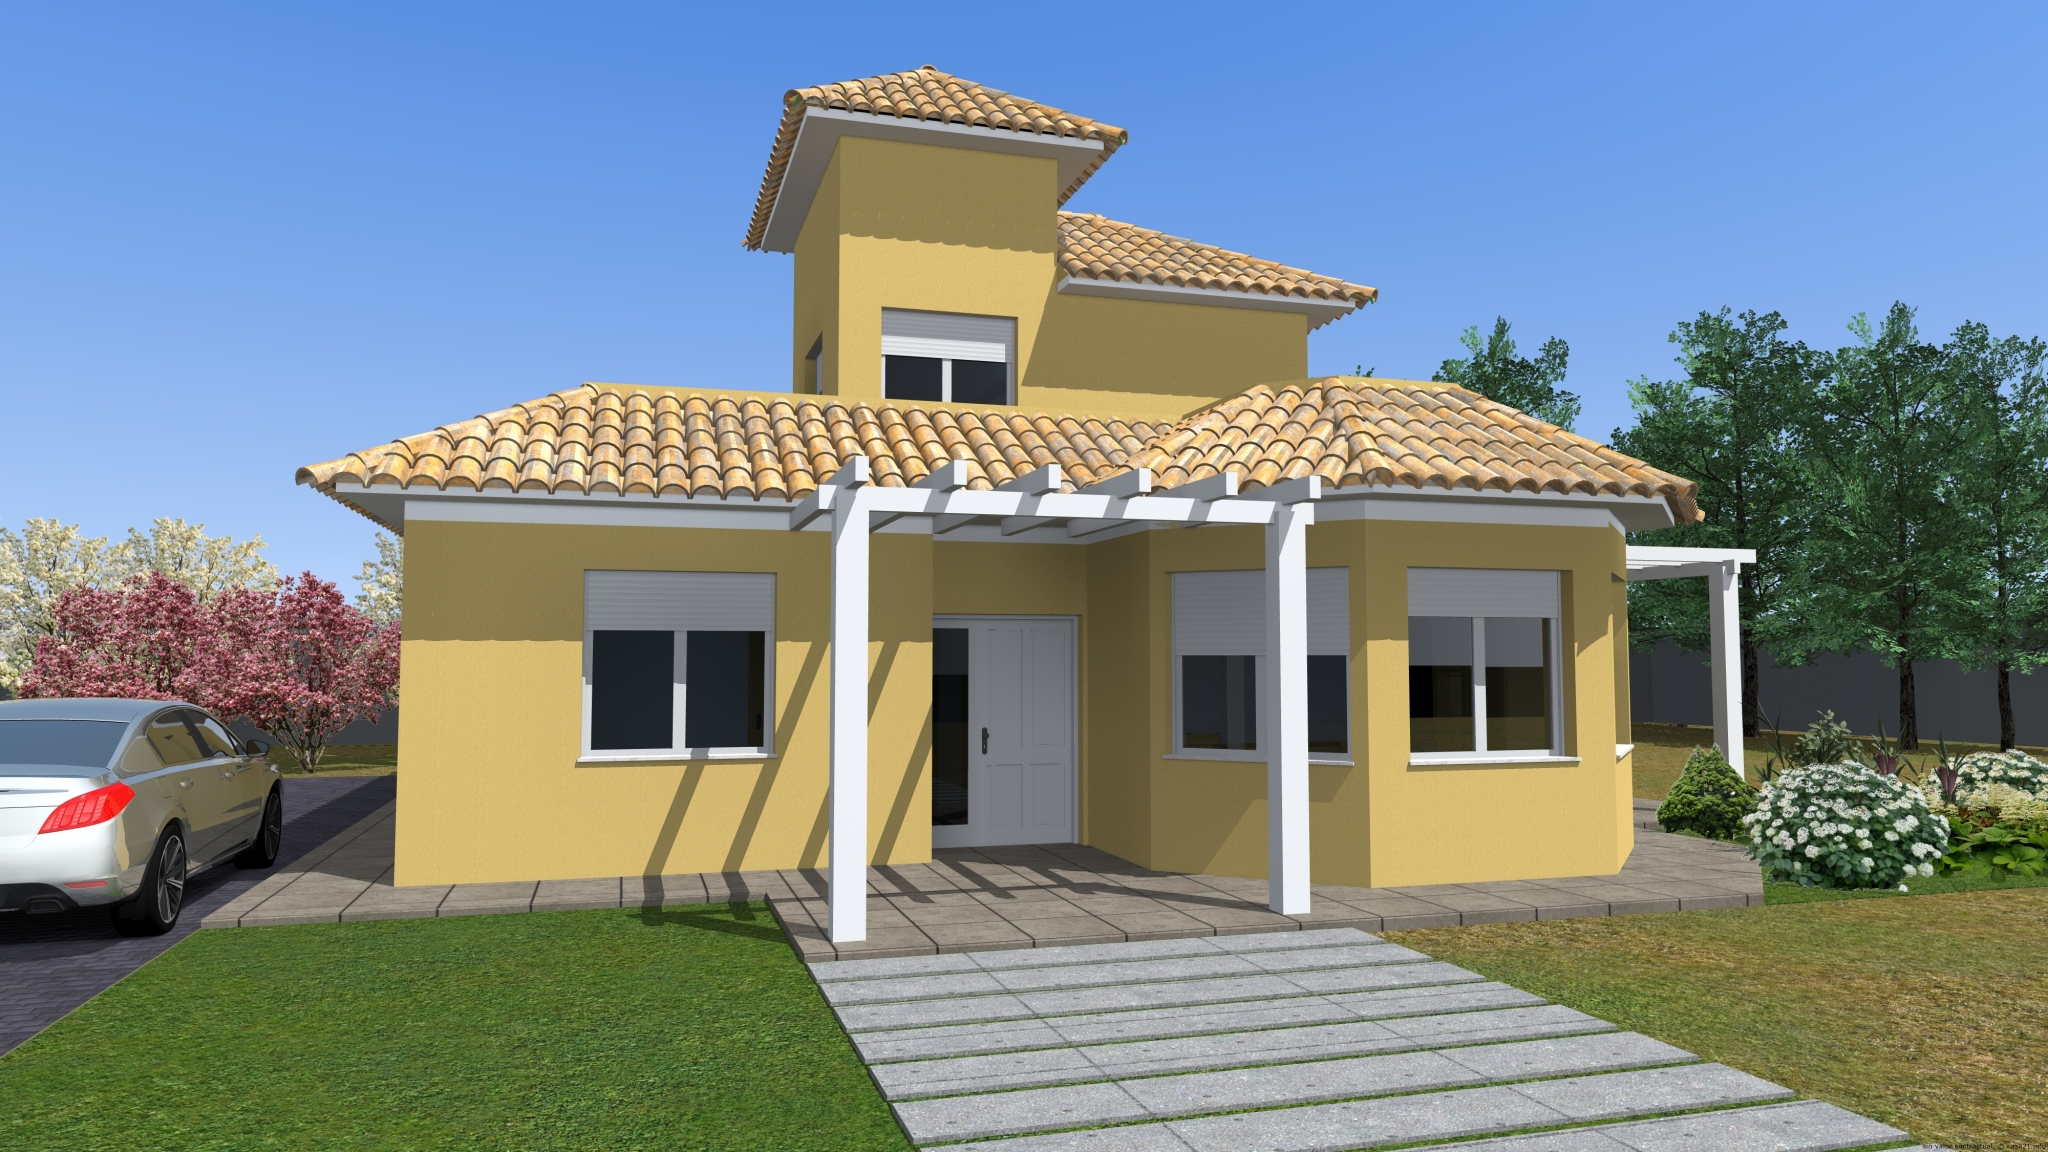 Casa de dise o tradicional - Constructor de casas ...